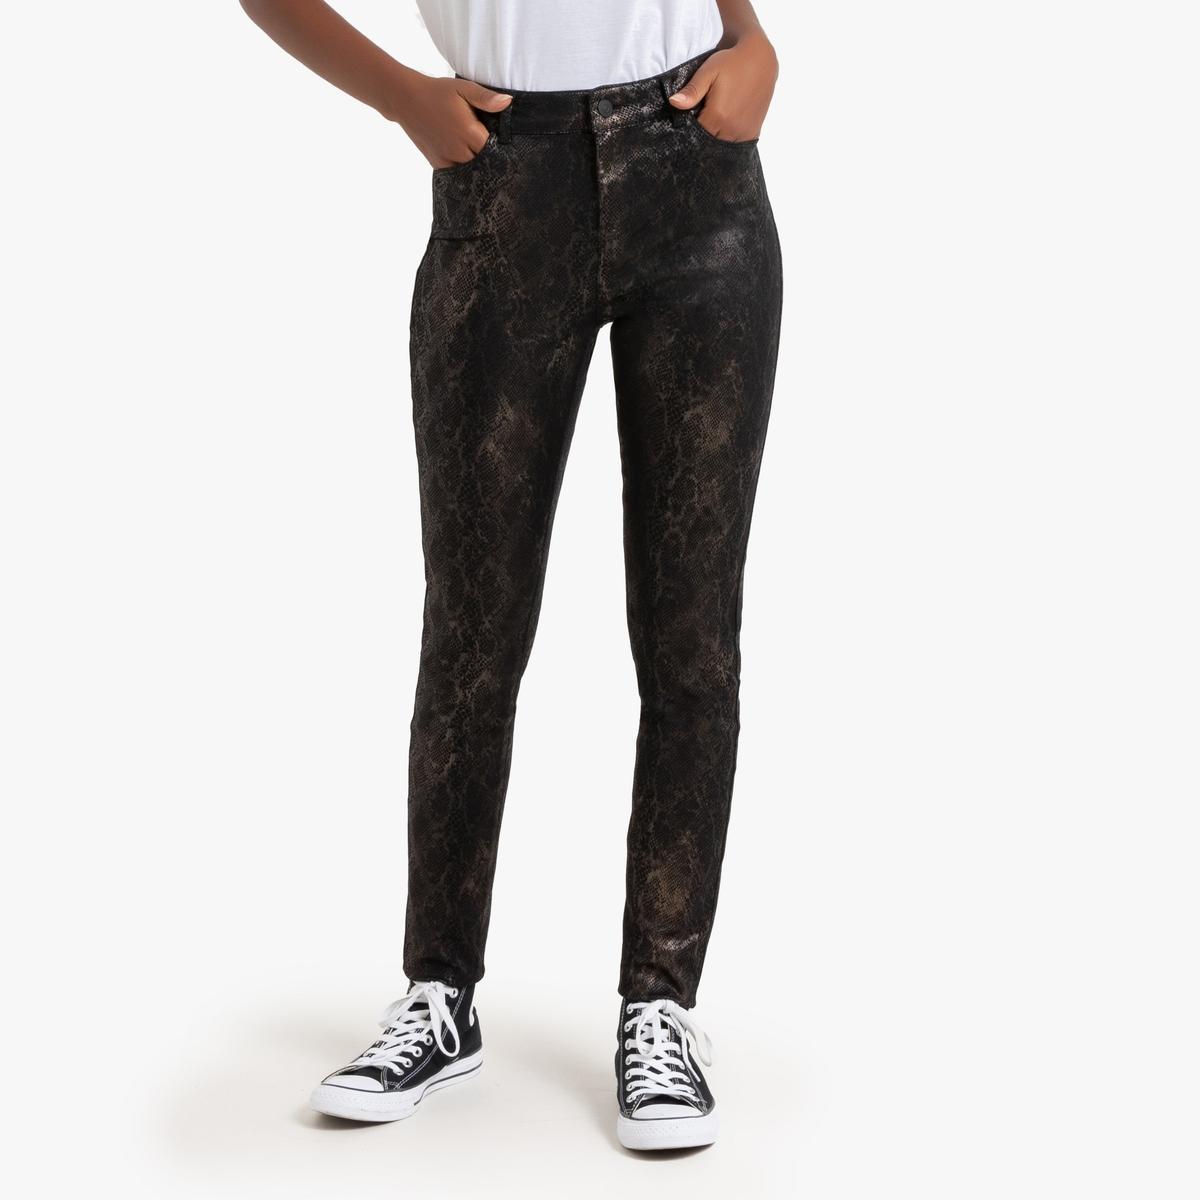 Брюки La Redoute Узкие с пропиткой XS другие джинсы la redoute узкие с вышивкой 8 другие